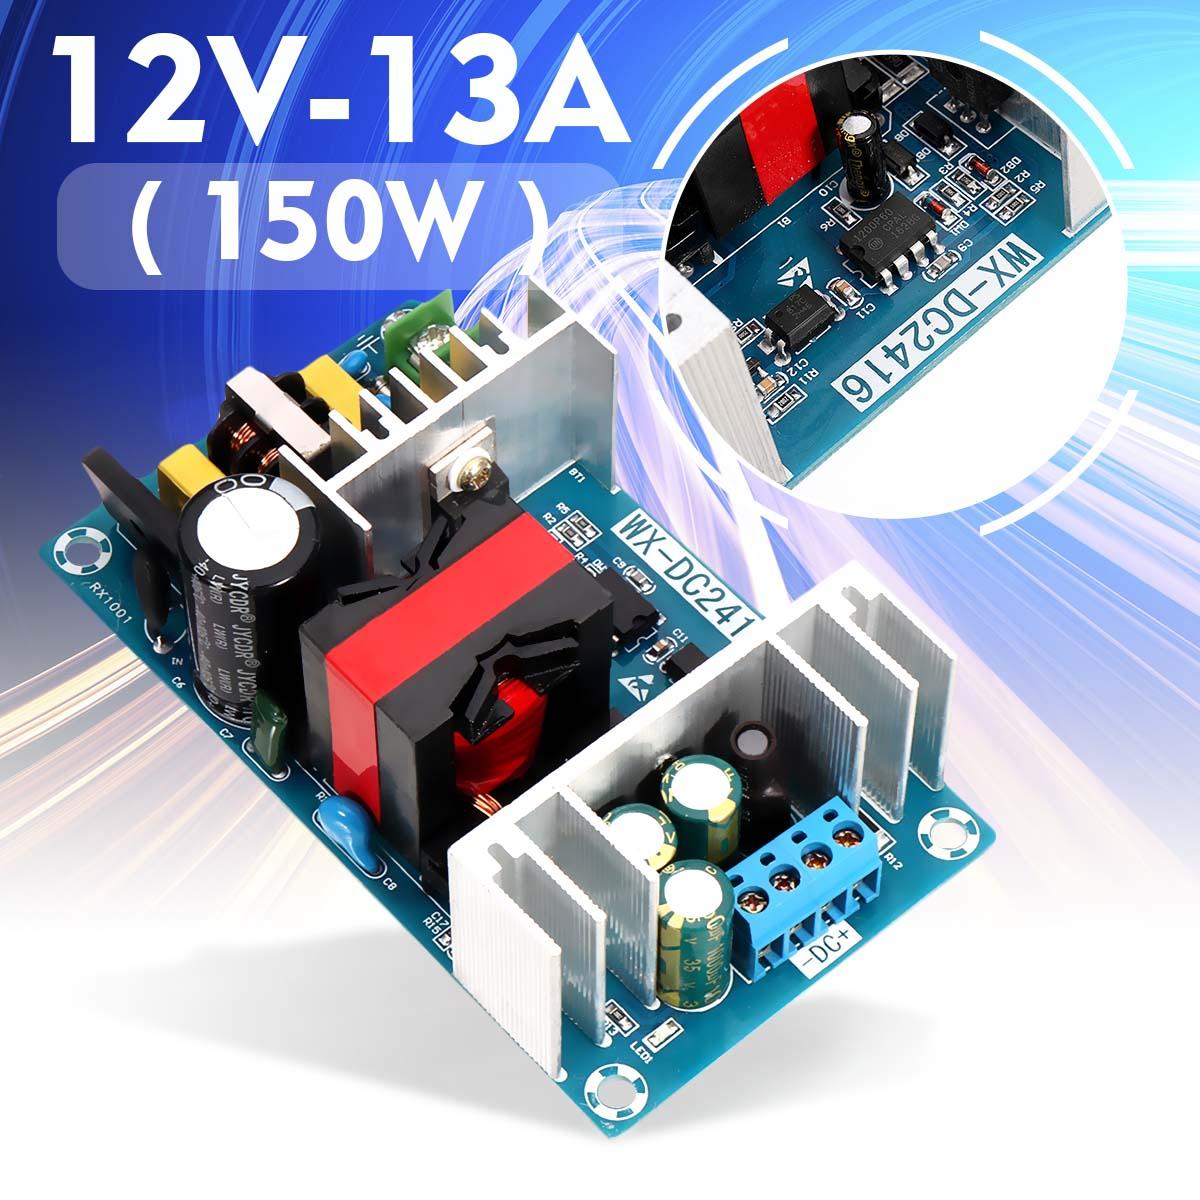 Módulo de fuente de alimentación de conmutación DC 12 V 13A 150 W módulo de alimentación aislado módulo de potencia AC-DC